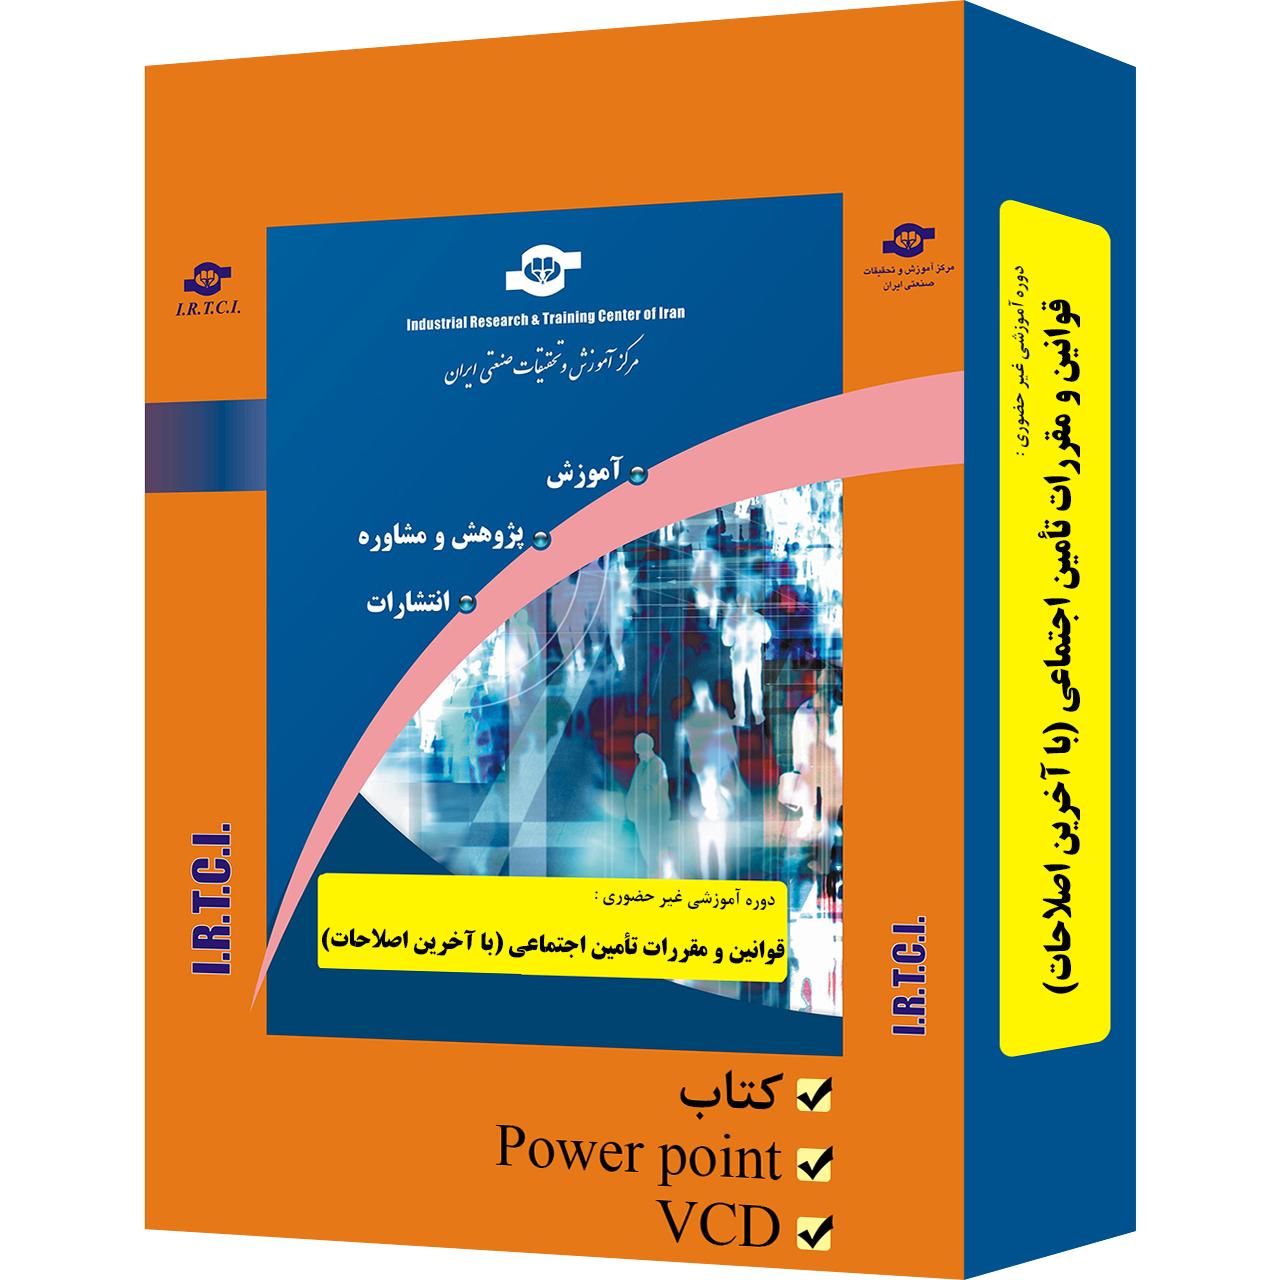 بسته آموزشی غیر حضوری قوانین و مقررات تامین اجتماعی تدوین مرکز آموزش و تحقیقات صنعتی ایران